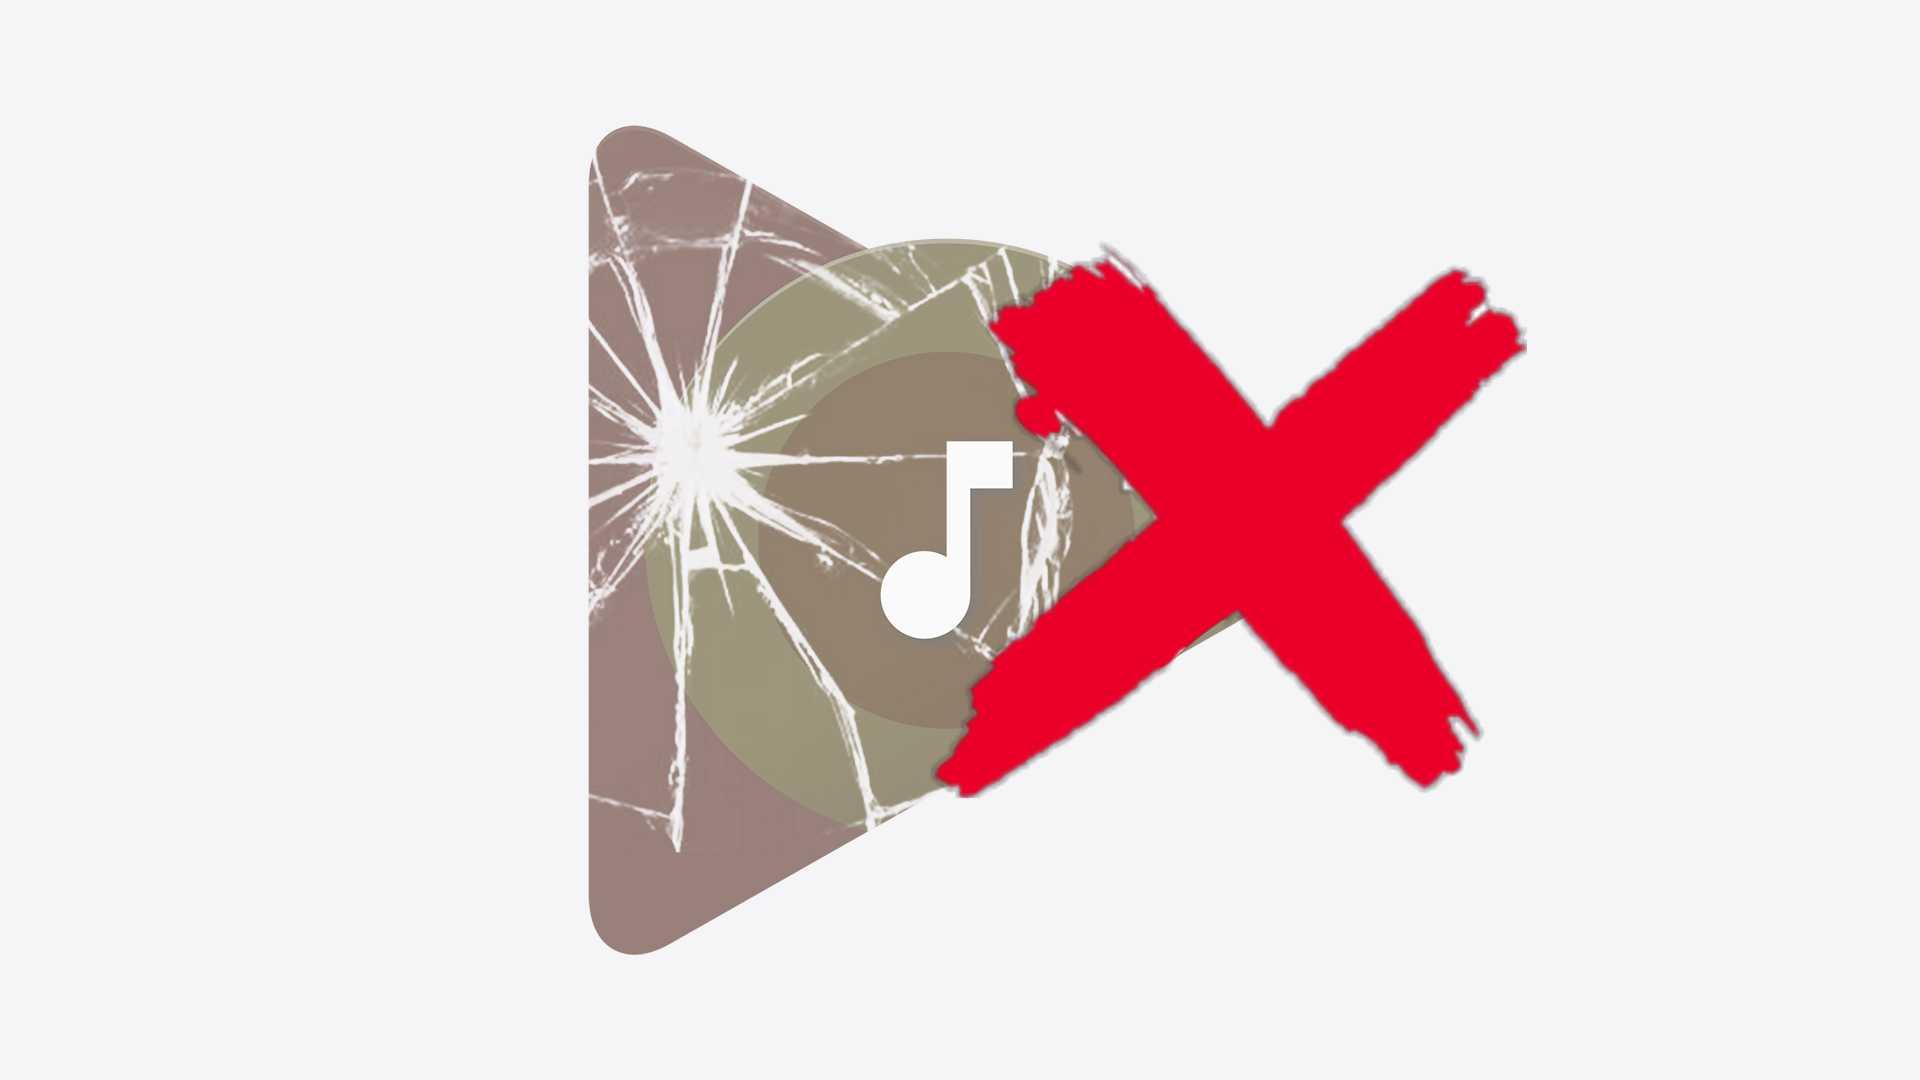 Google Play Müzik'in Fişi Resmen Çekildi | Tüm Şarkılar YouTube Music'te